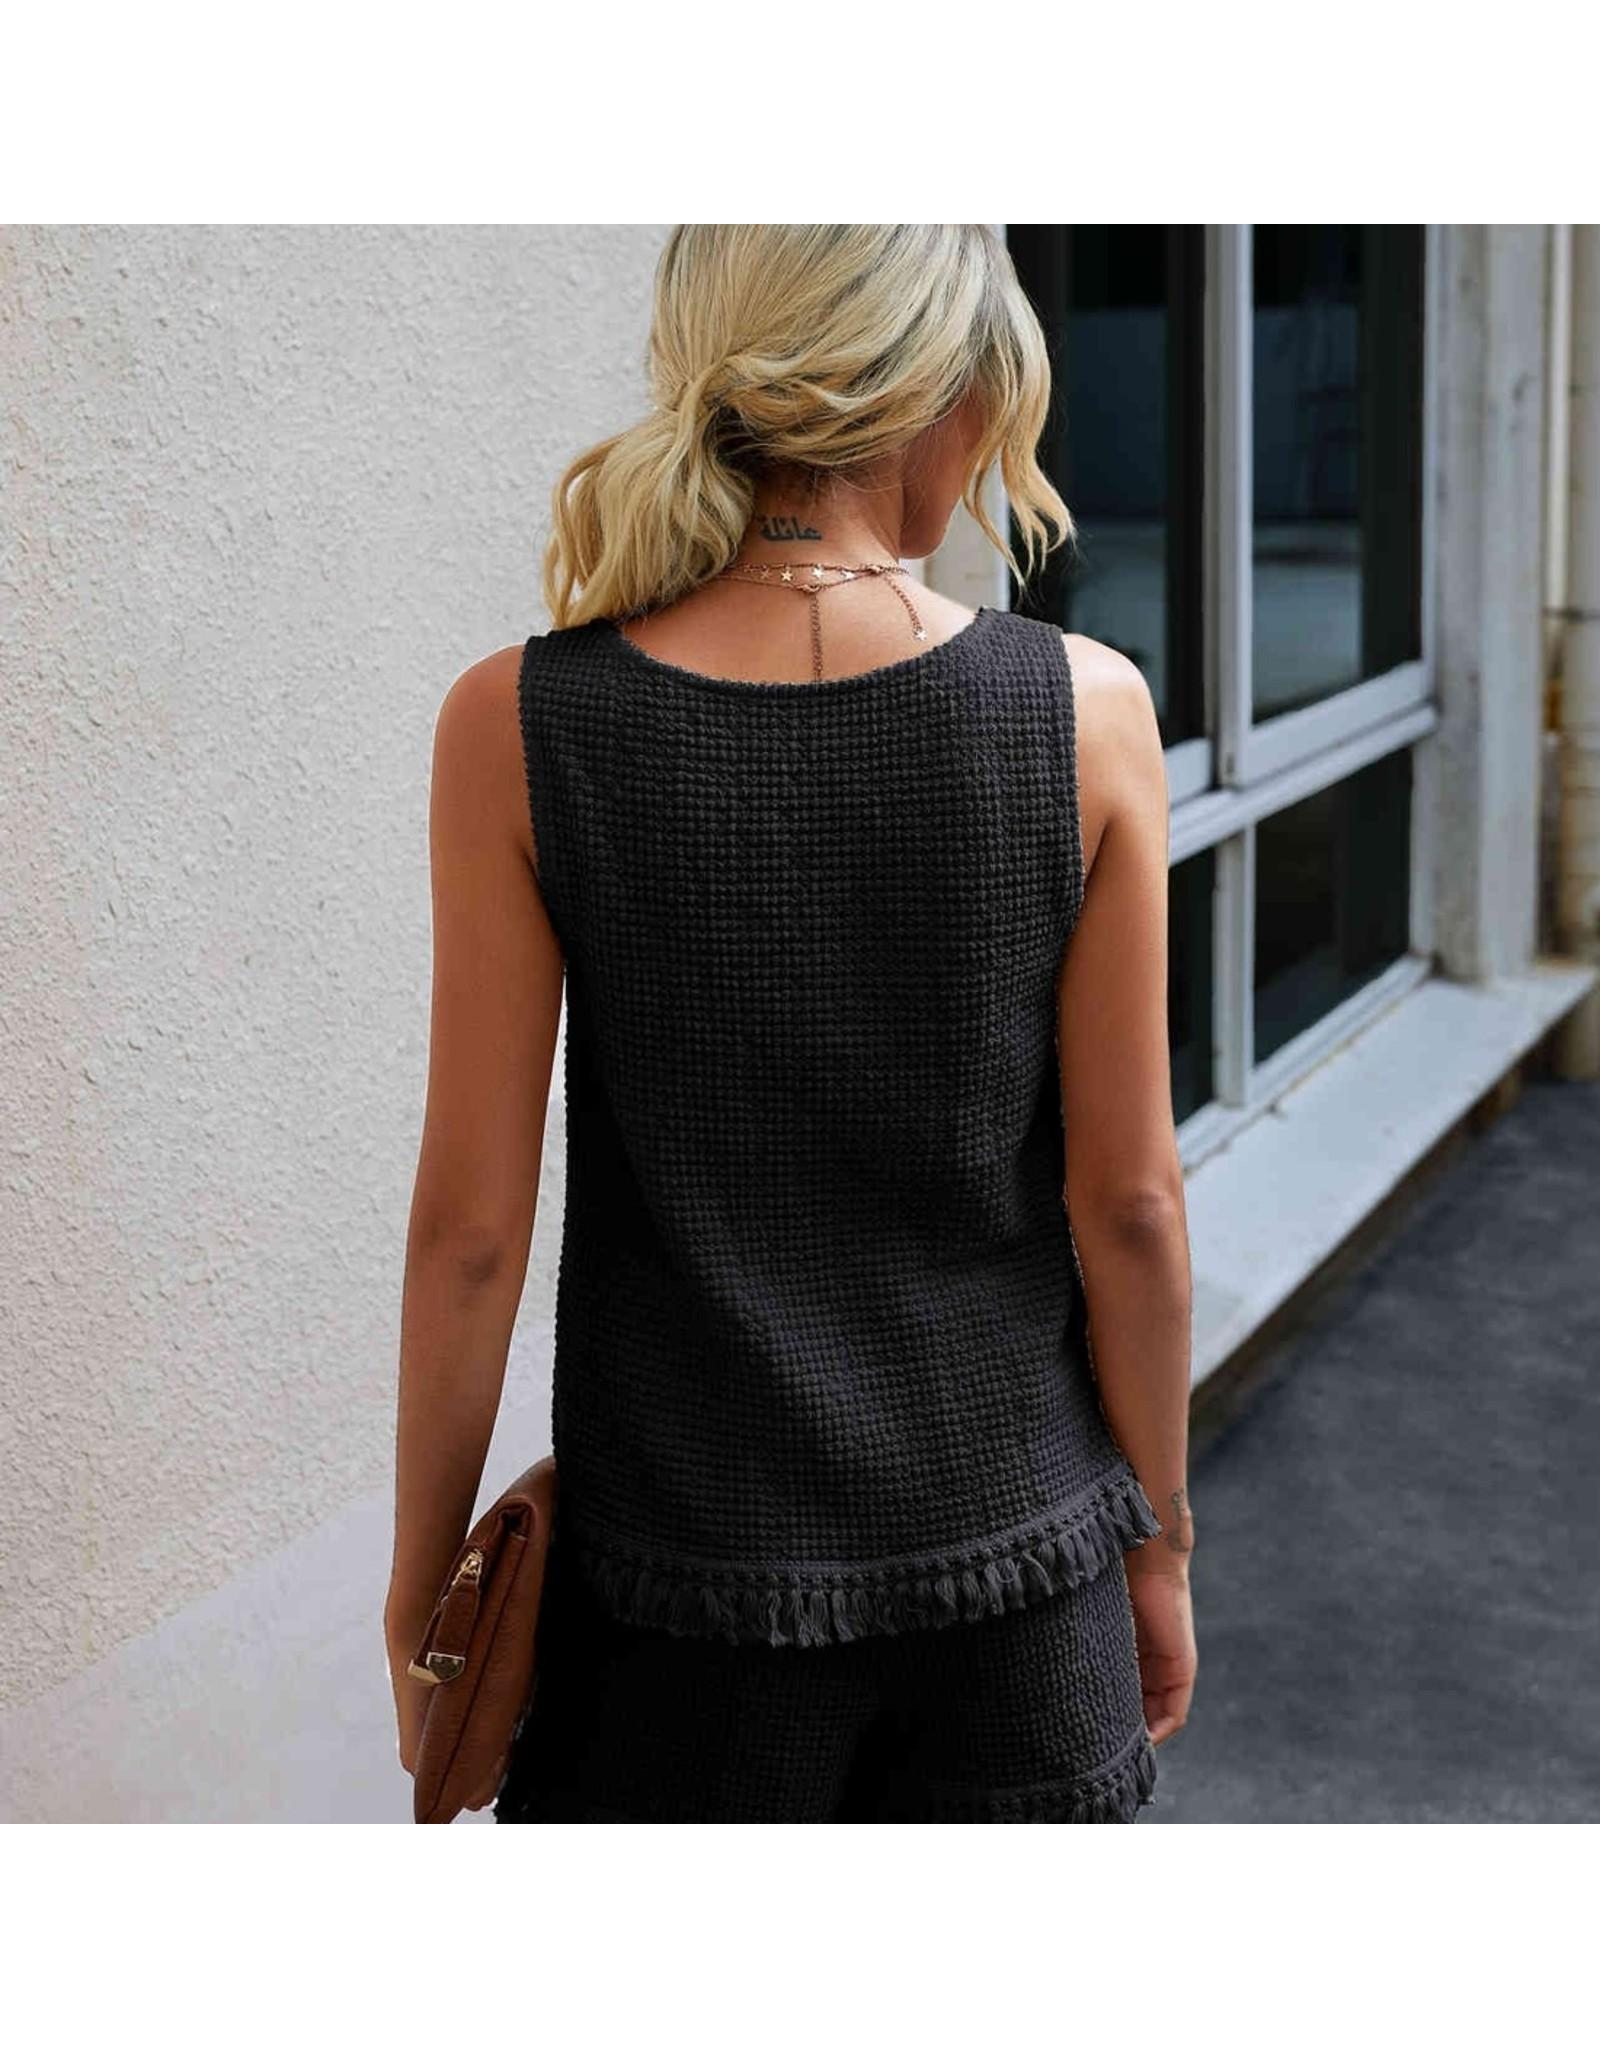 ePretty Loose Knit Shorts with Base Fringe